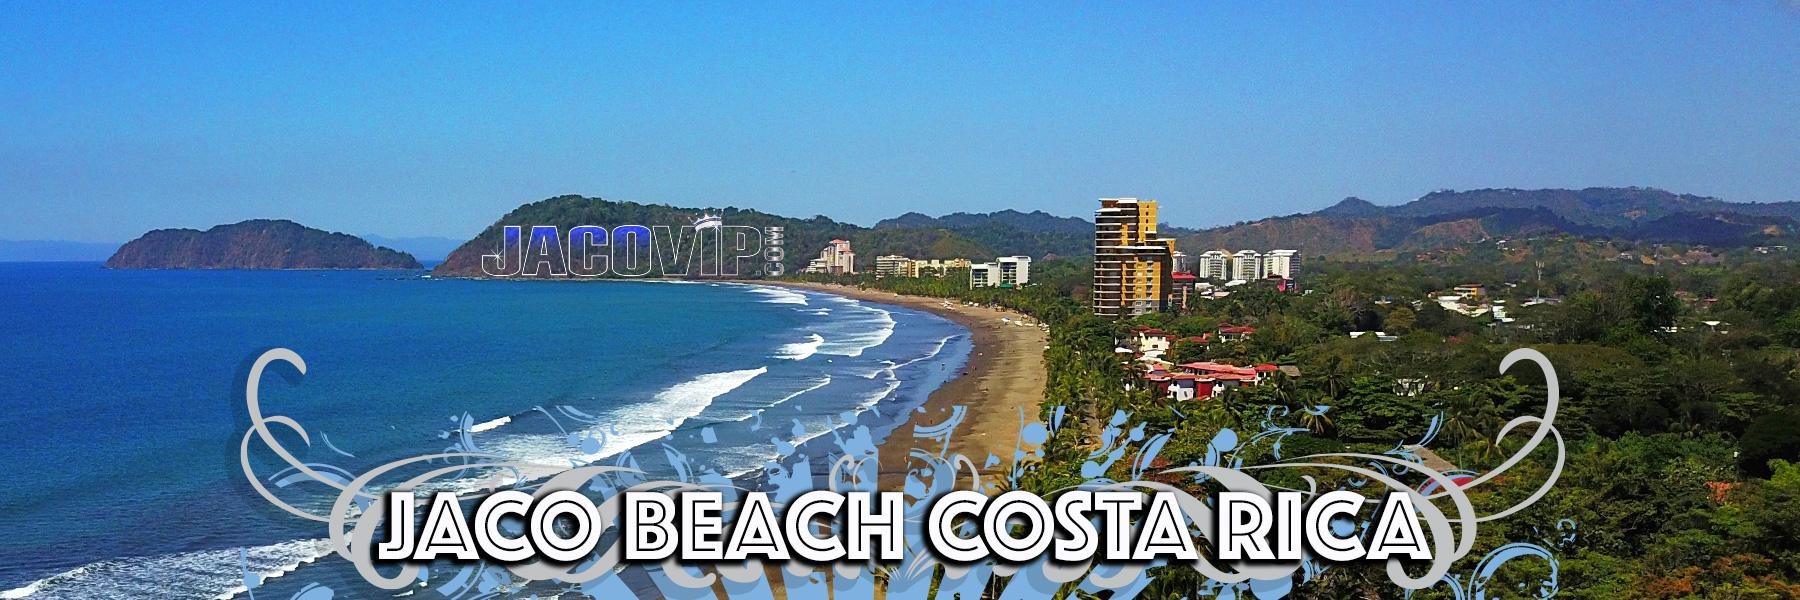 Jaco Beach Costa Rica Vacation Al